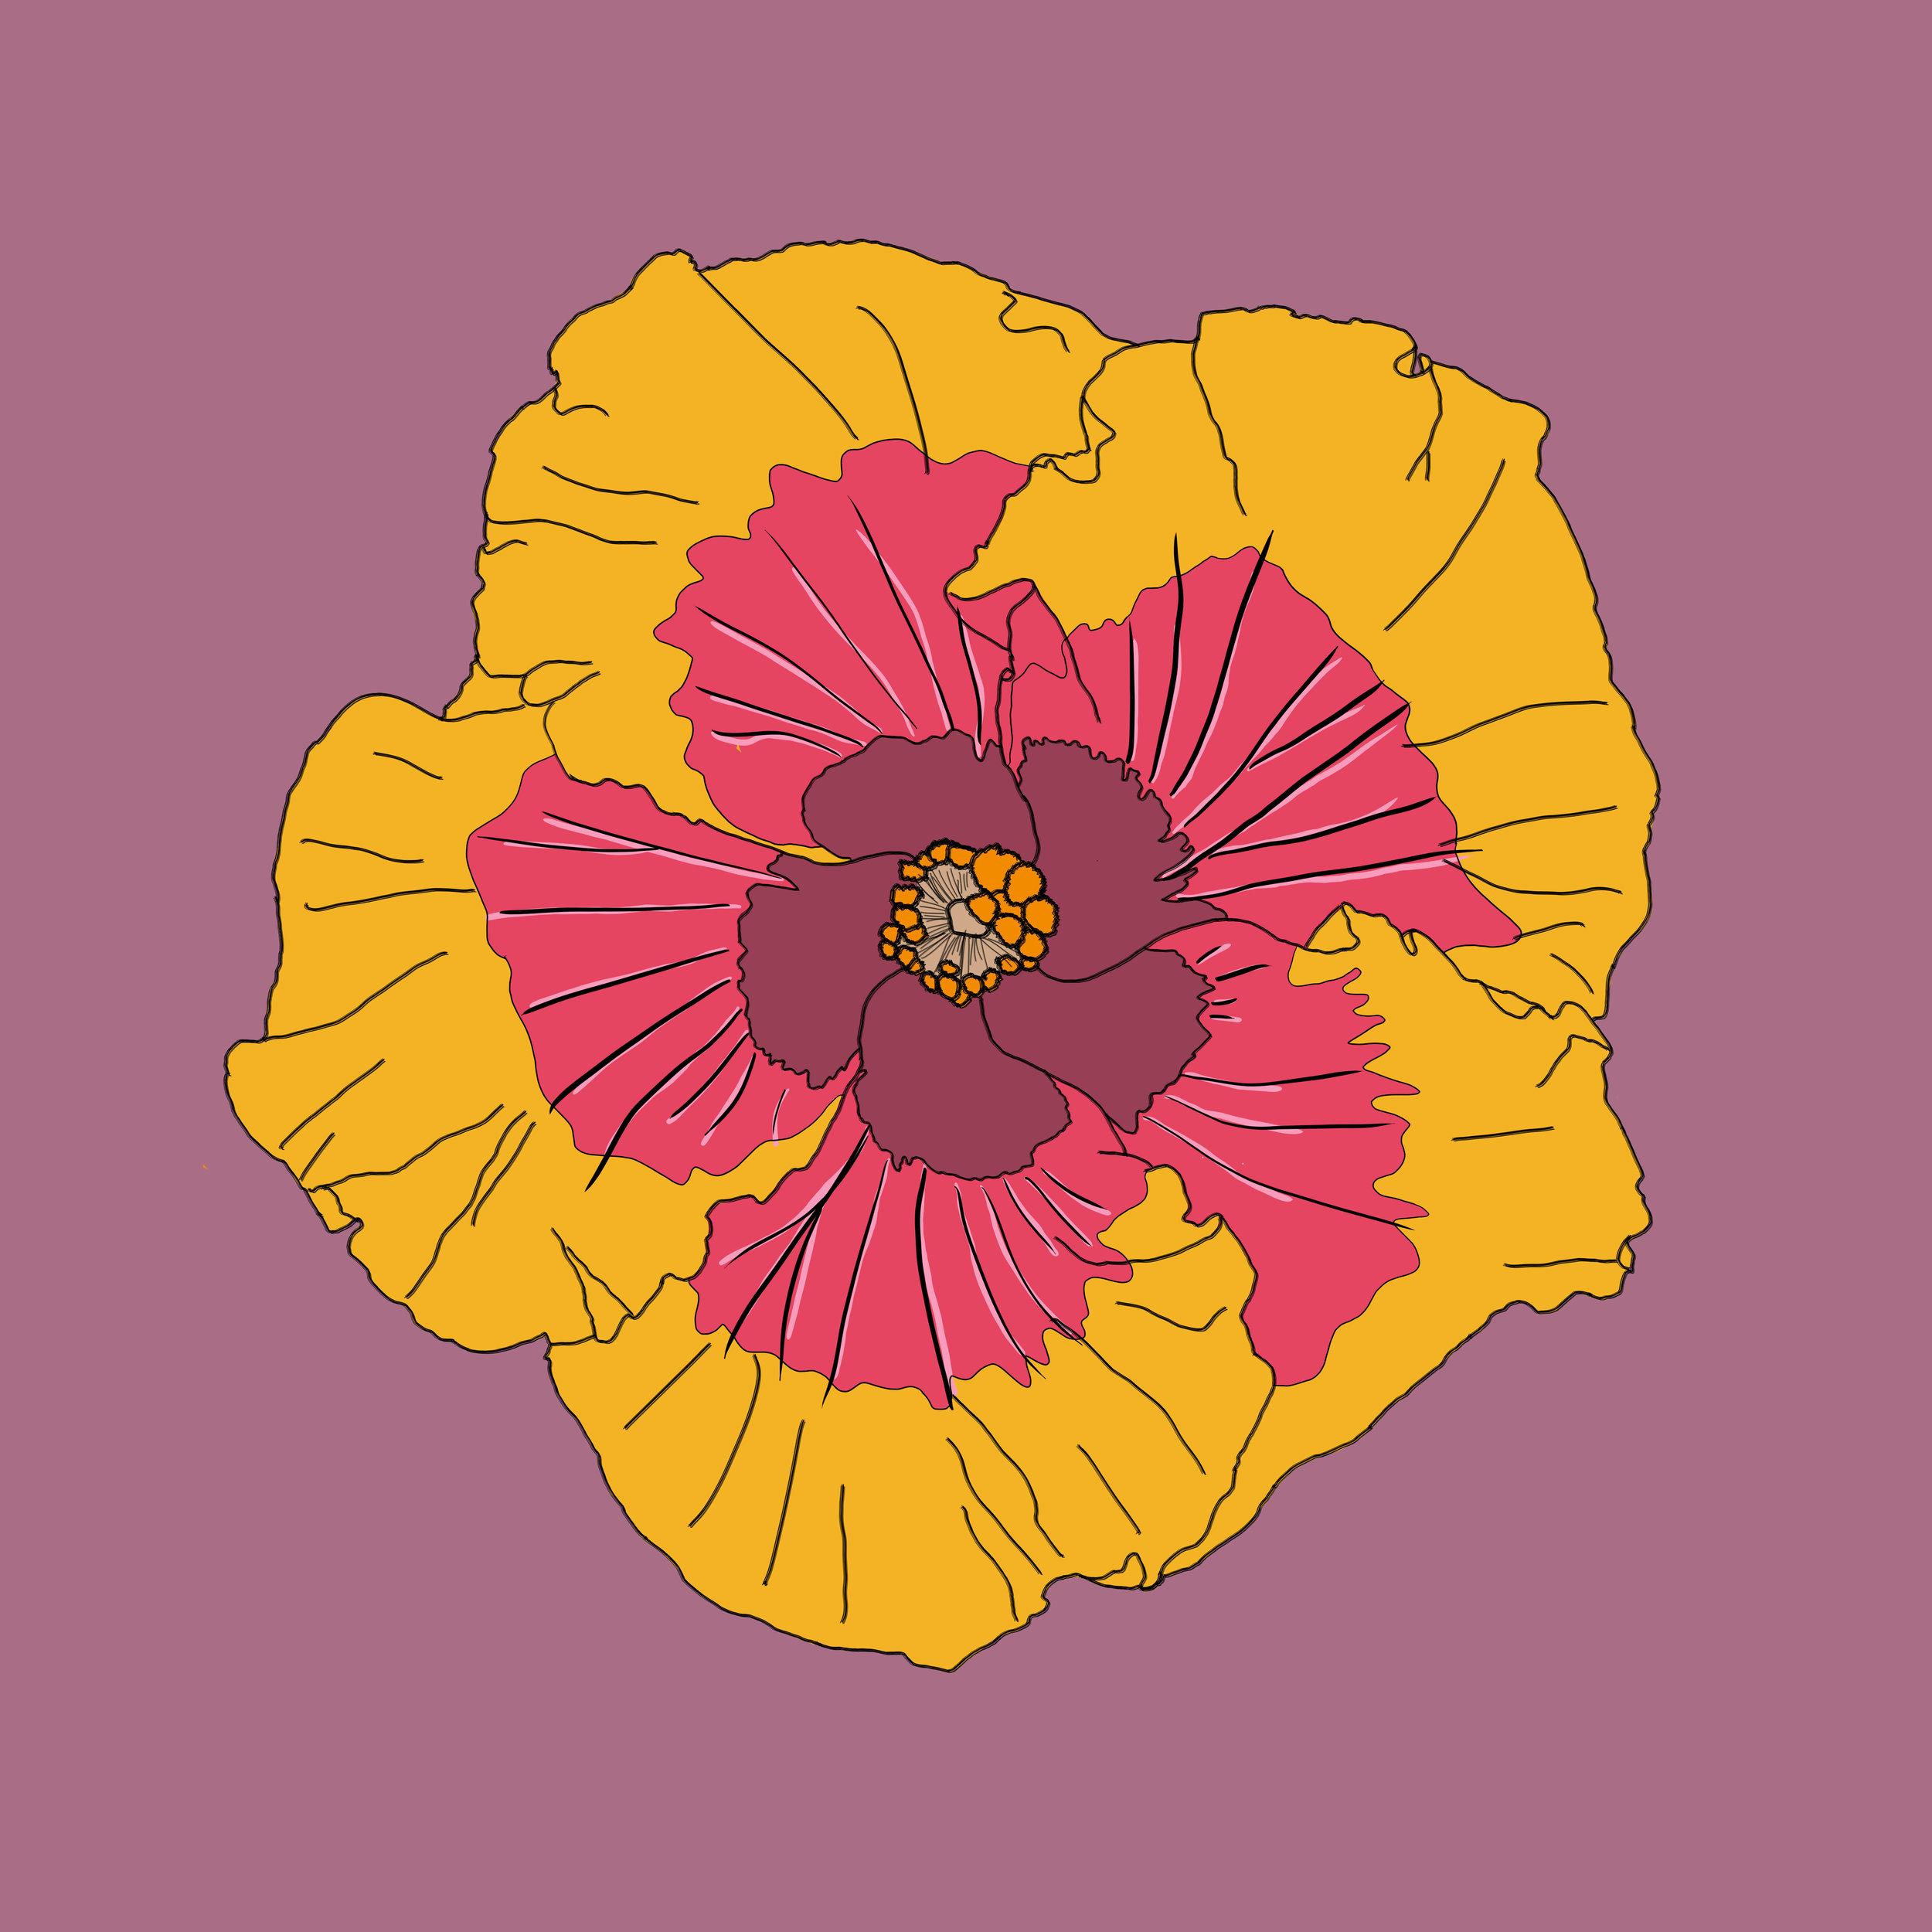 19_Flowers.jpg